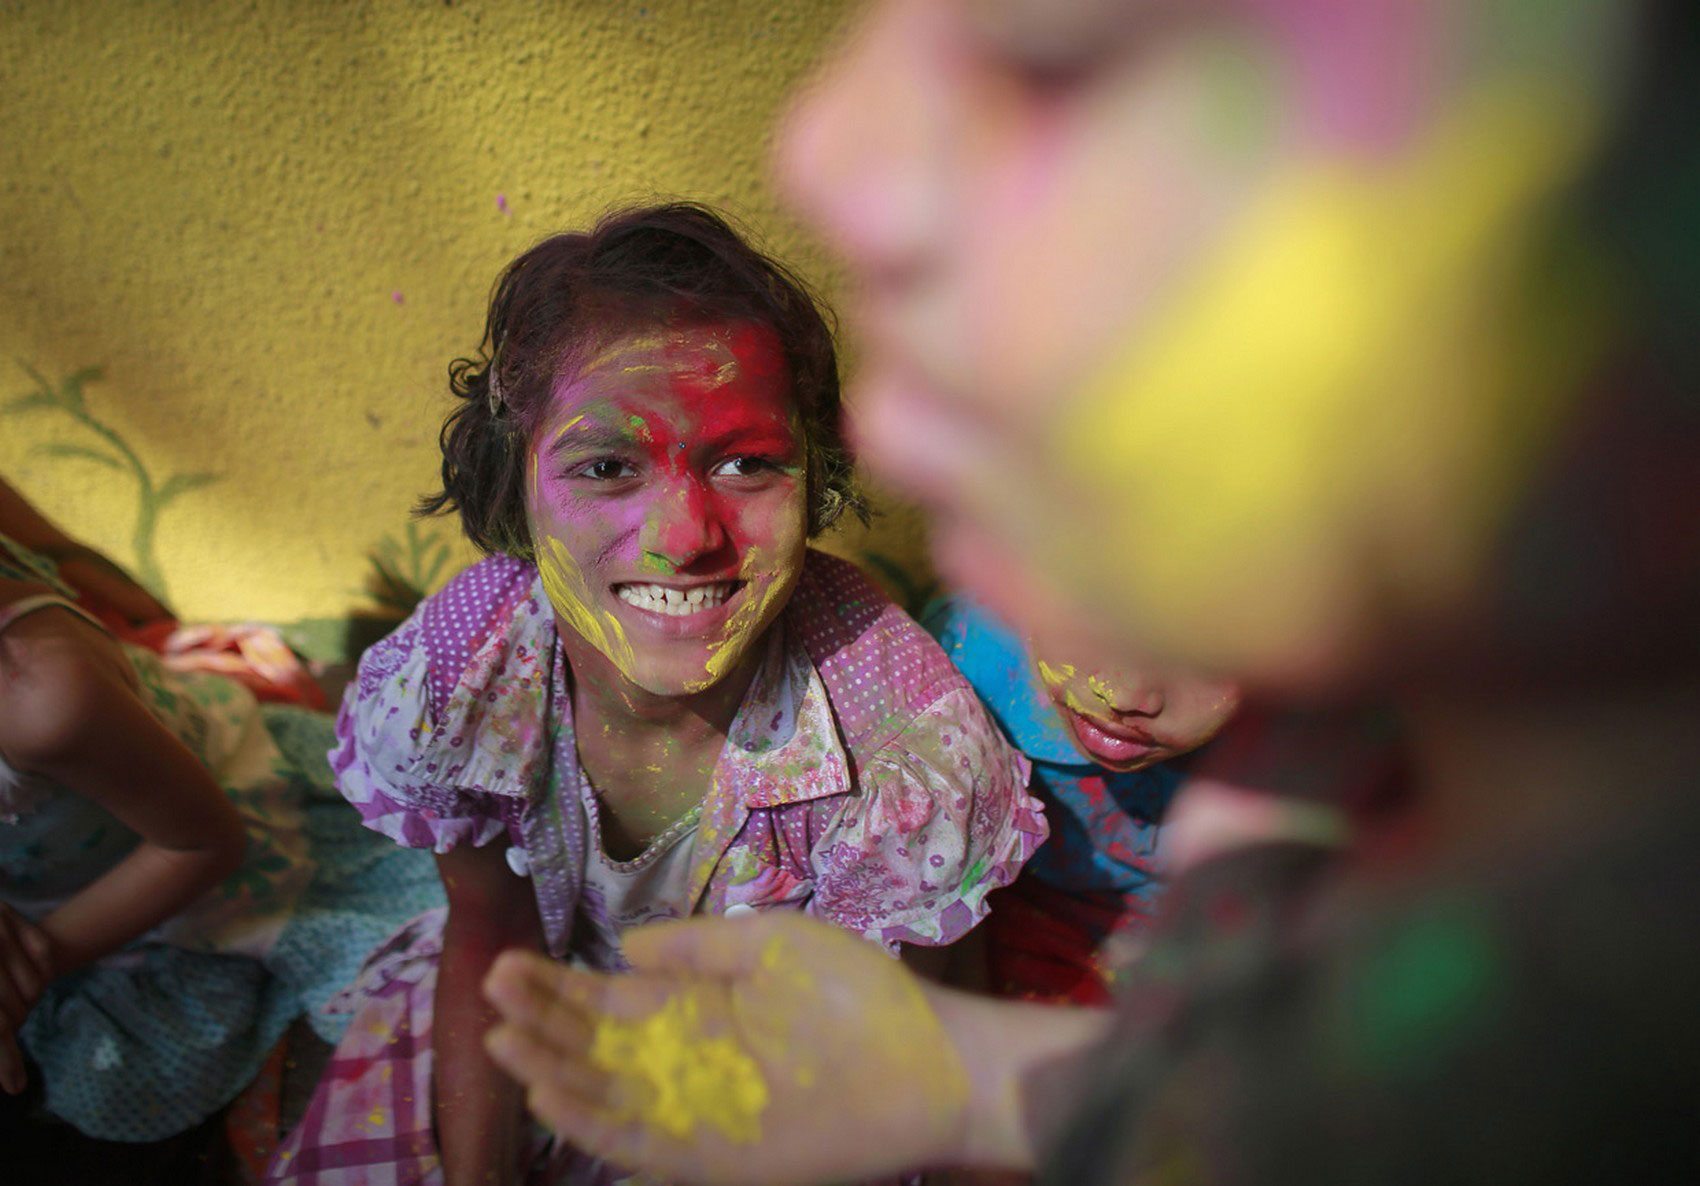 на празднике ярких красок в Индии